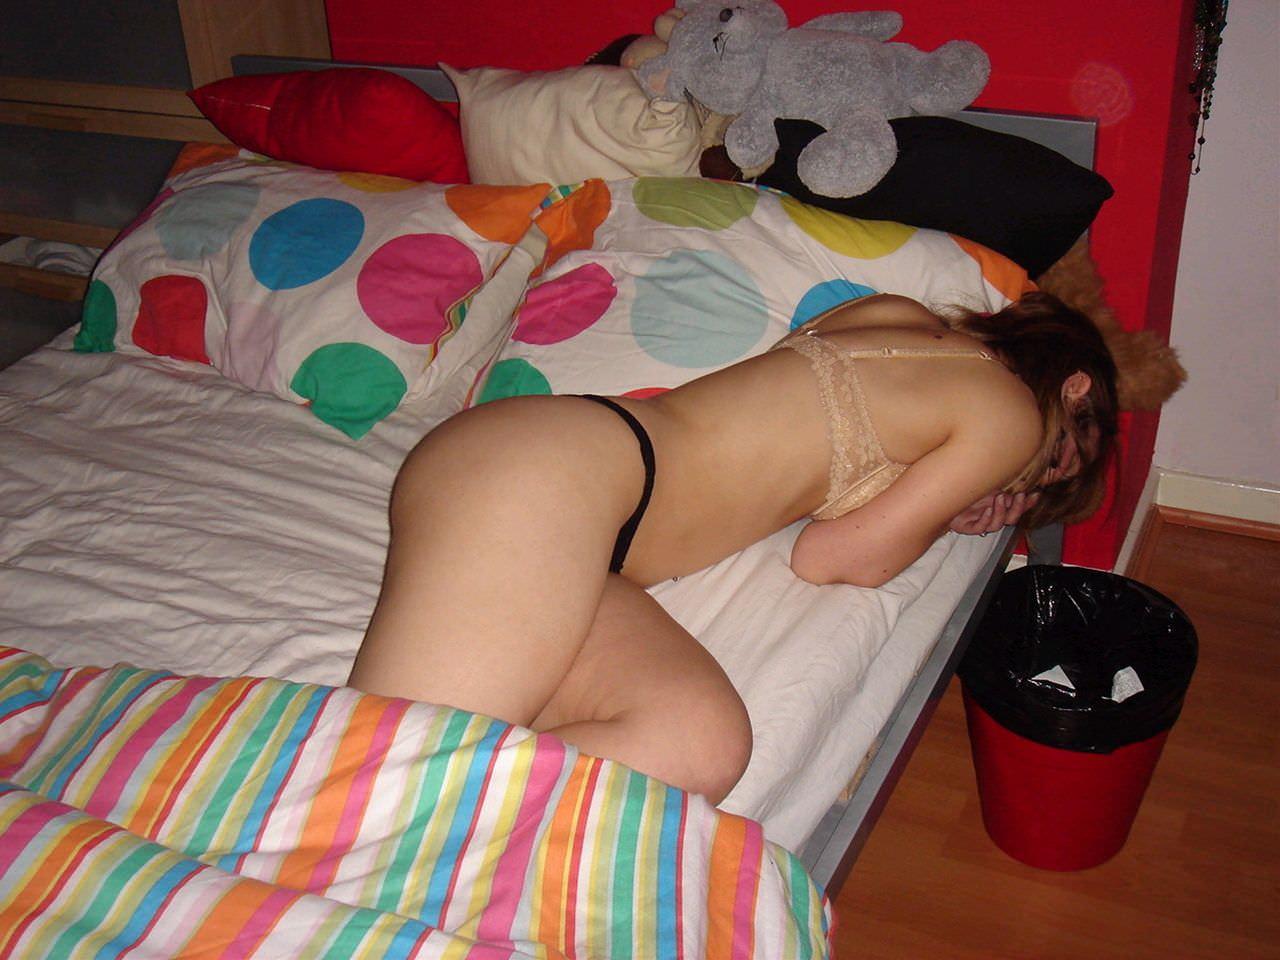 調子こいて酒飲みすぎた素人娘たちの悲惨なエロ画像 114